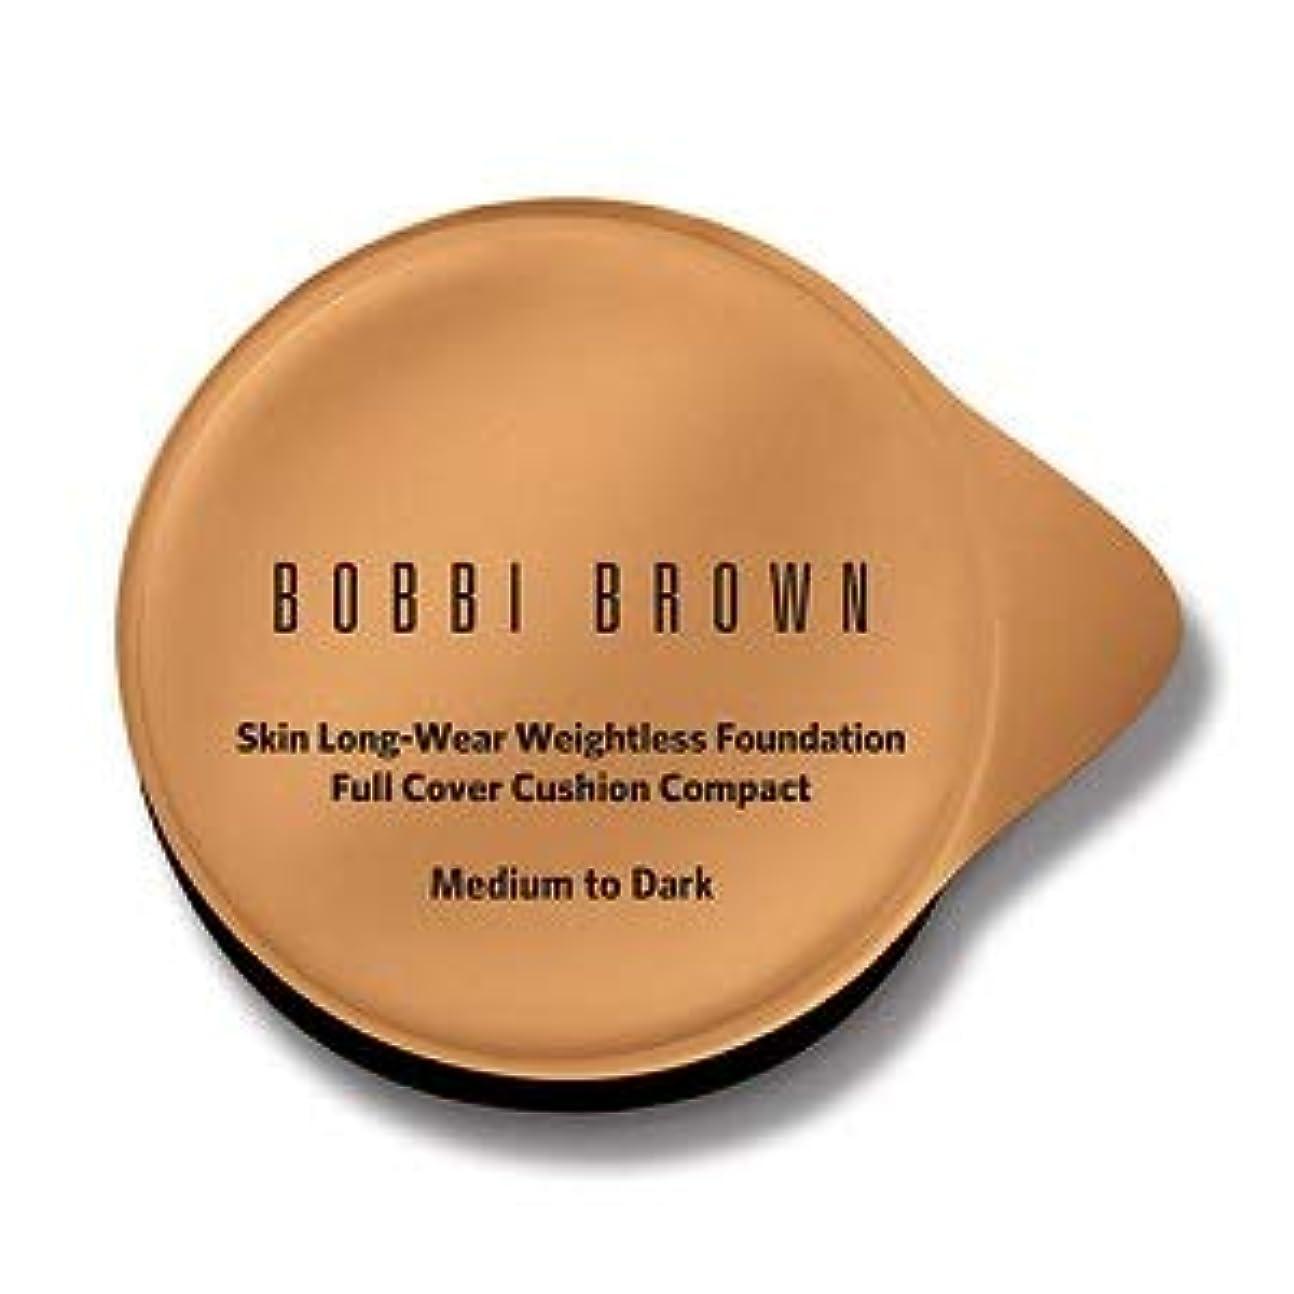 包帯静けさ数字ボビイ ブラウン スキン ロングウェア ウェイトレス ファンデ フル カバー クッション コンパクト 06 ミディアムトゥダーク 13g レフィル